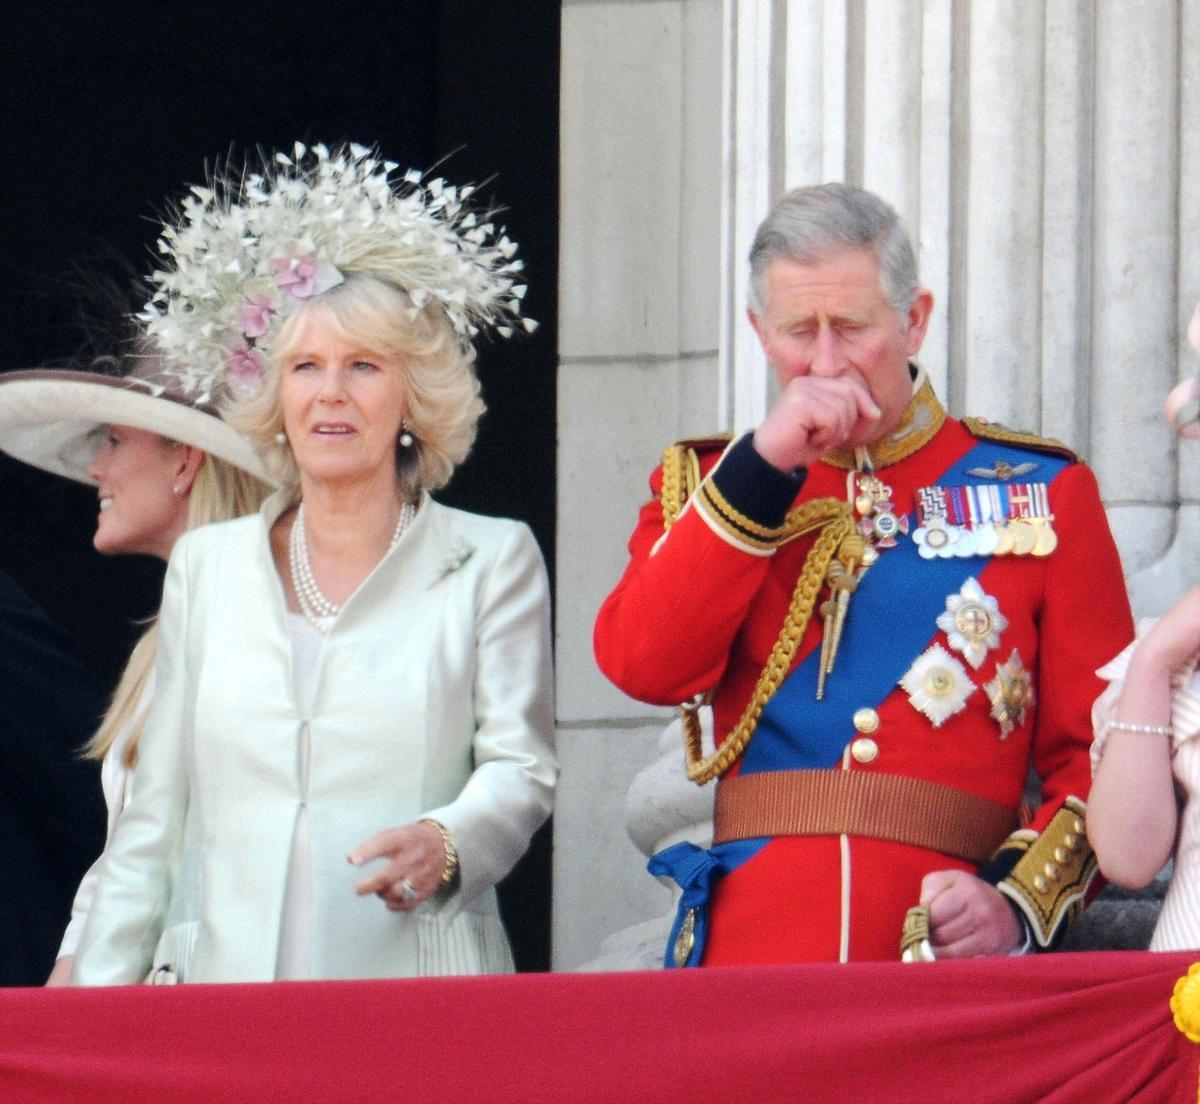 Księżna Diana miała przezwisko na kochankę męża. Było zabawne czy przerażające?